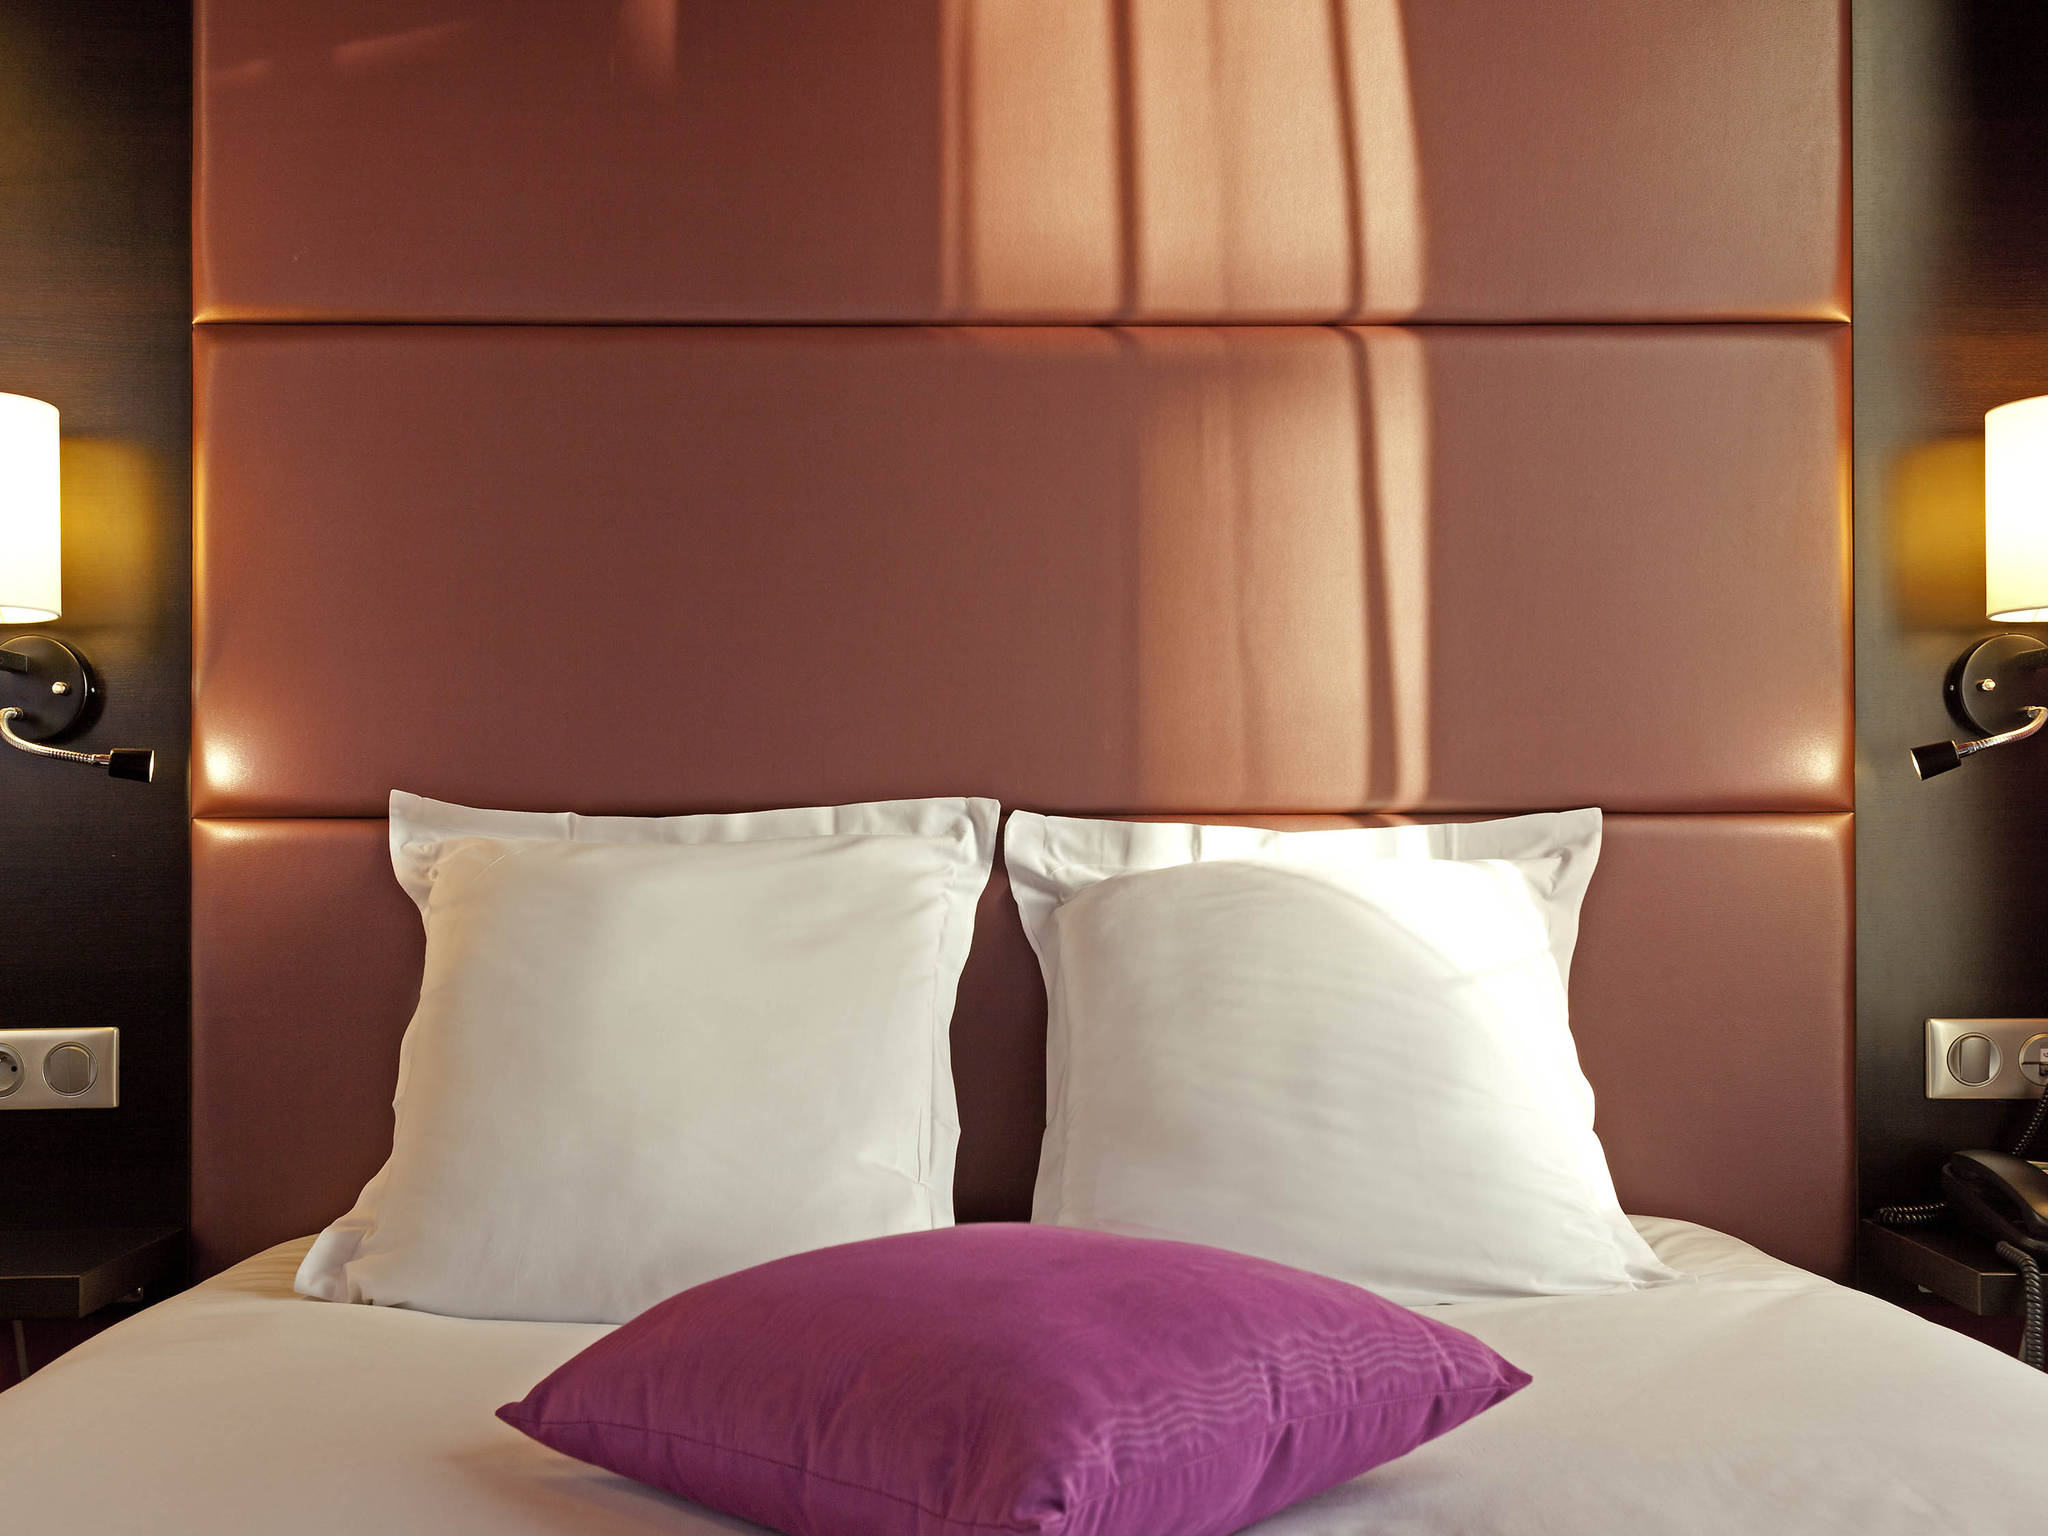 โรงแรม – ไอบิส สไตล์ ปารีส ปิกัล มงมาร์ท